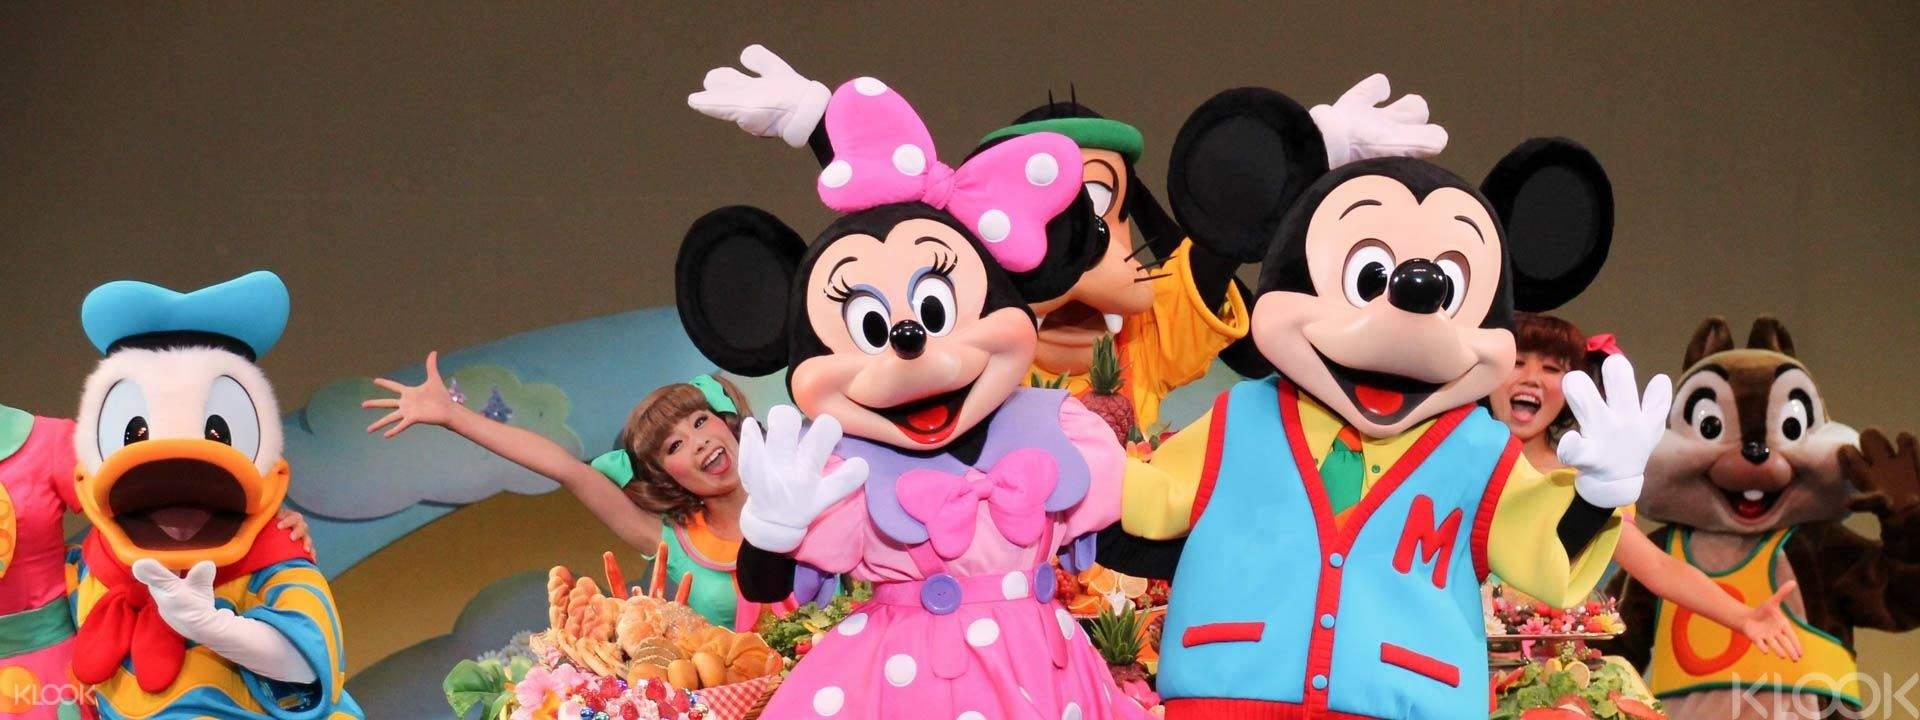 도쿄 디즈니랜드/디즈니씨 1일 입장권(바로 입장)과 환상의 세계로! - Klook